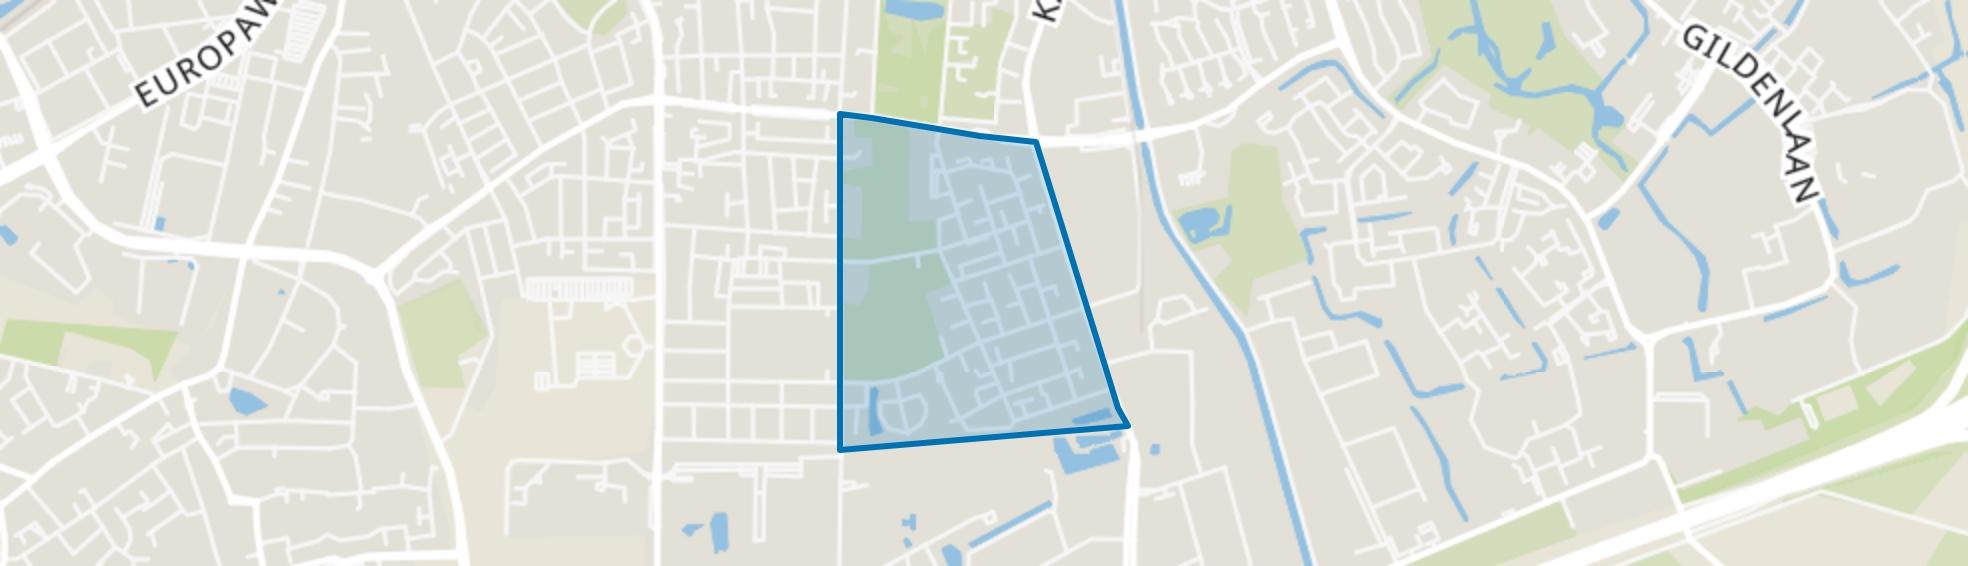 Rivierenkwartier, Apeldoorn map